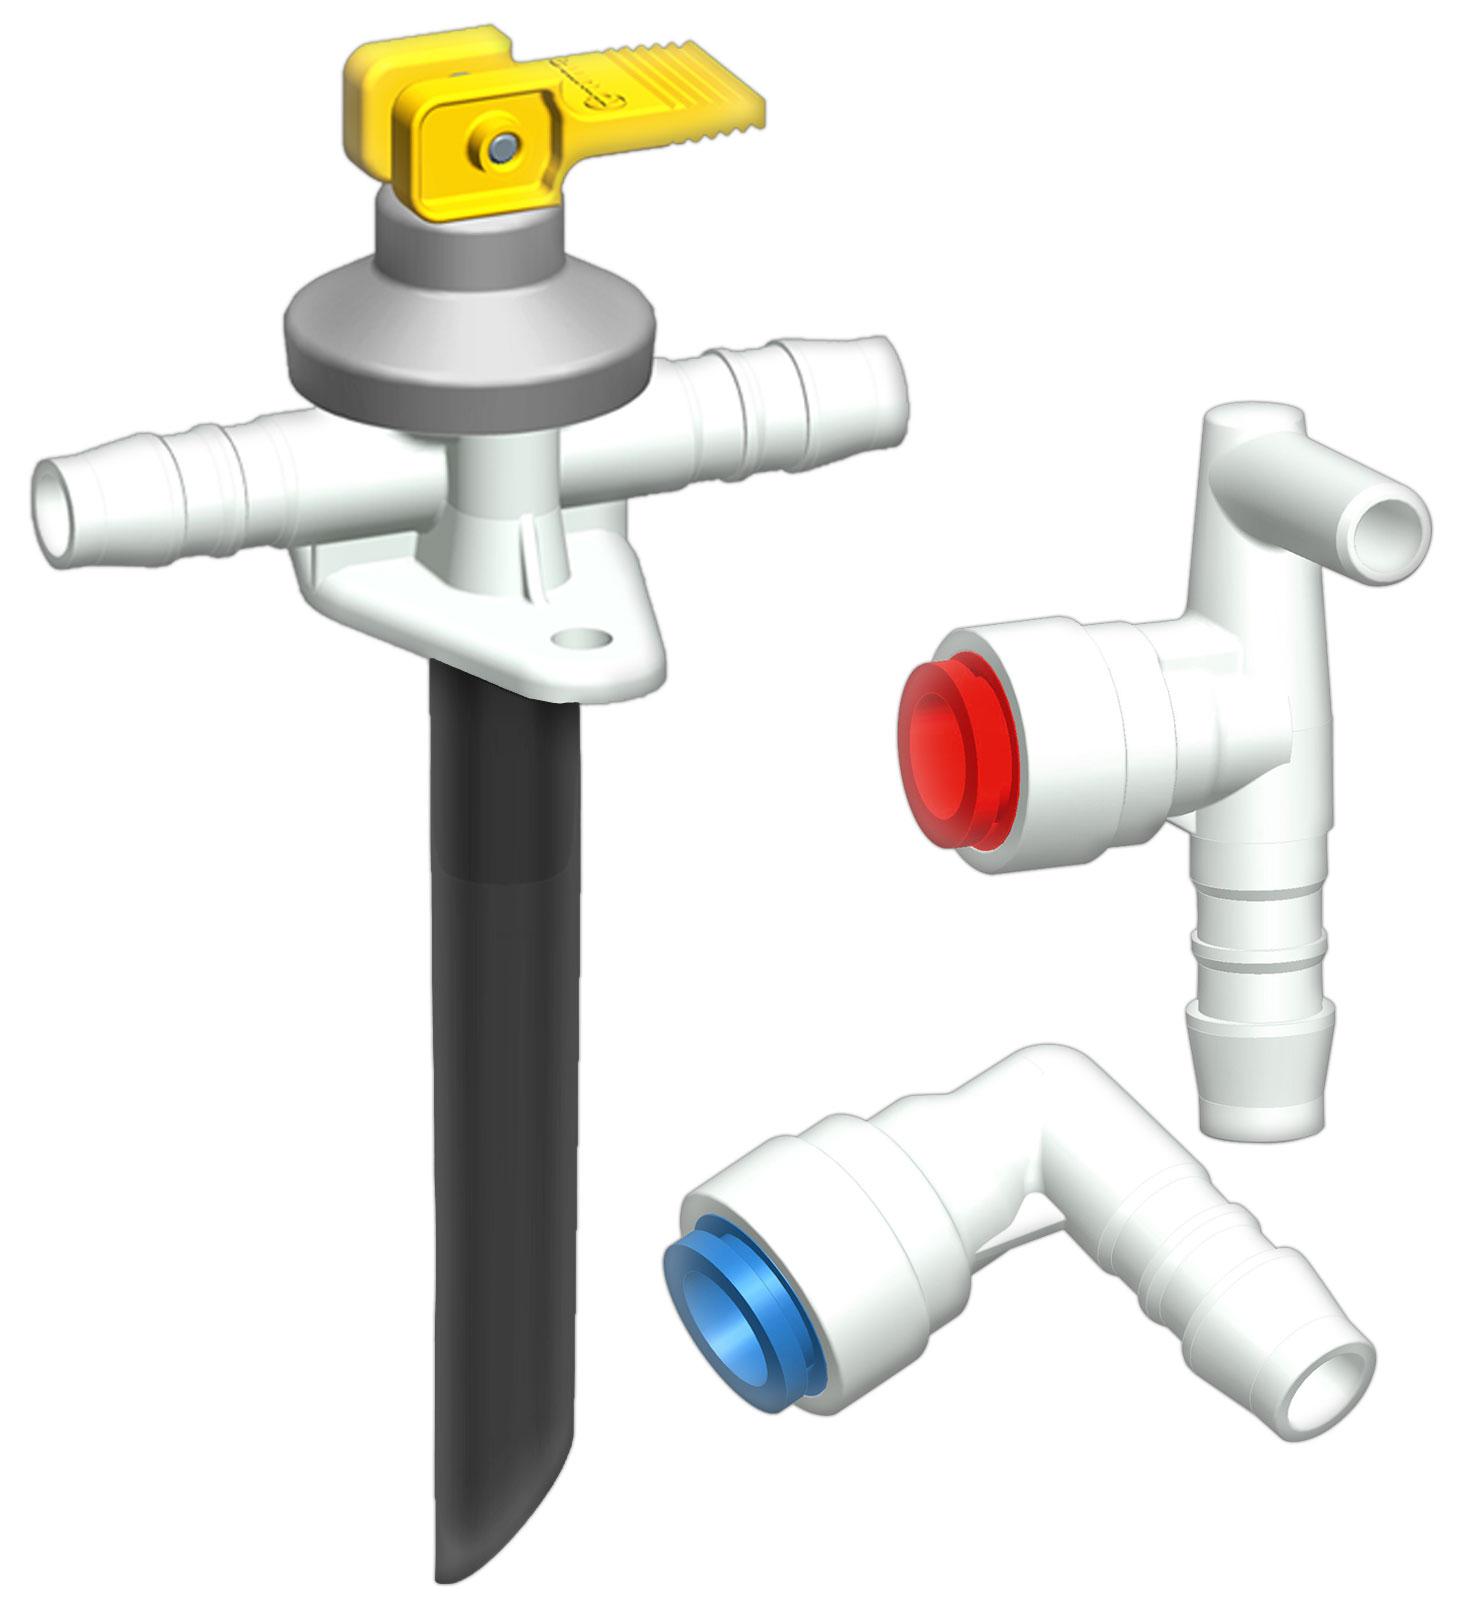 Truma Wasser-Anschluss Set   04052816020198